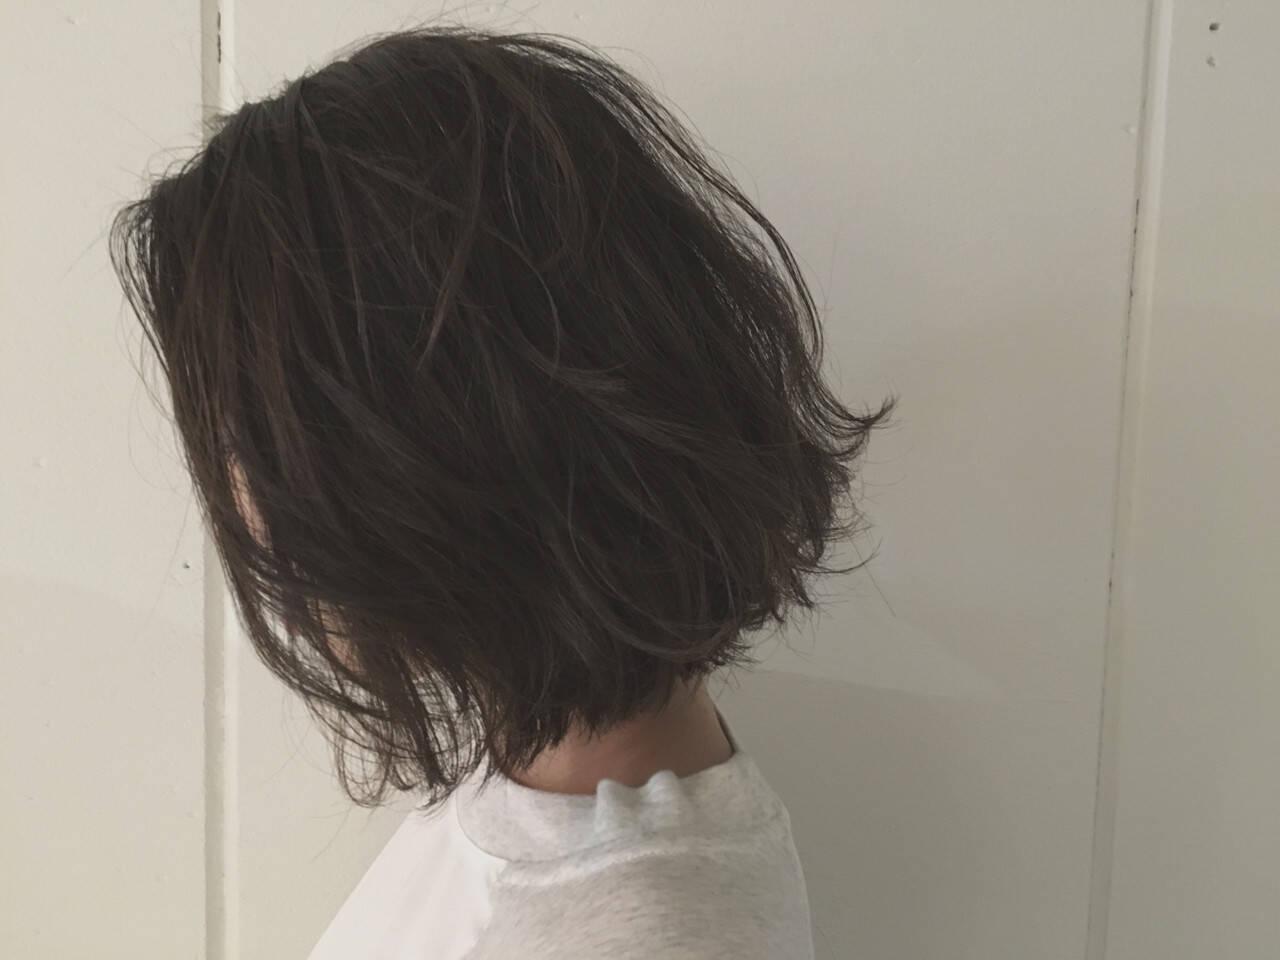 ボブ アッシュ ウェットヘア 前下がりヘアスタイルや髪型の写真・画像